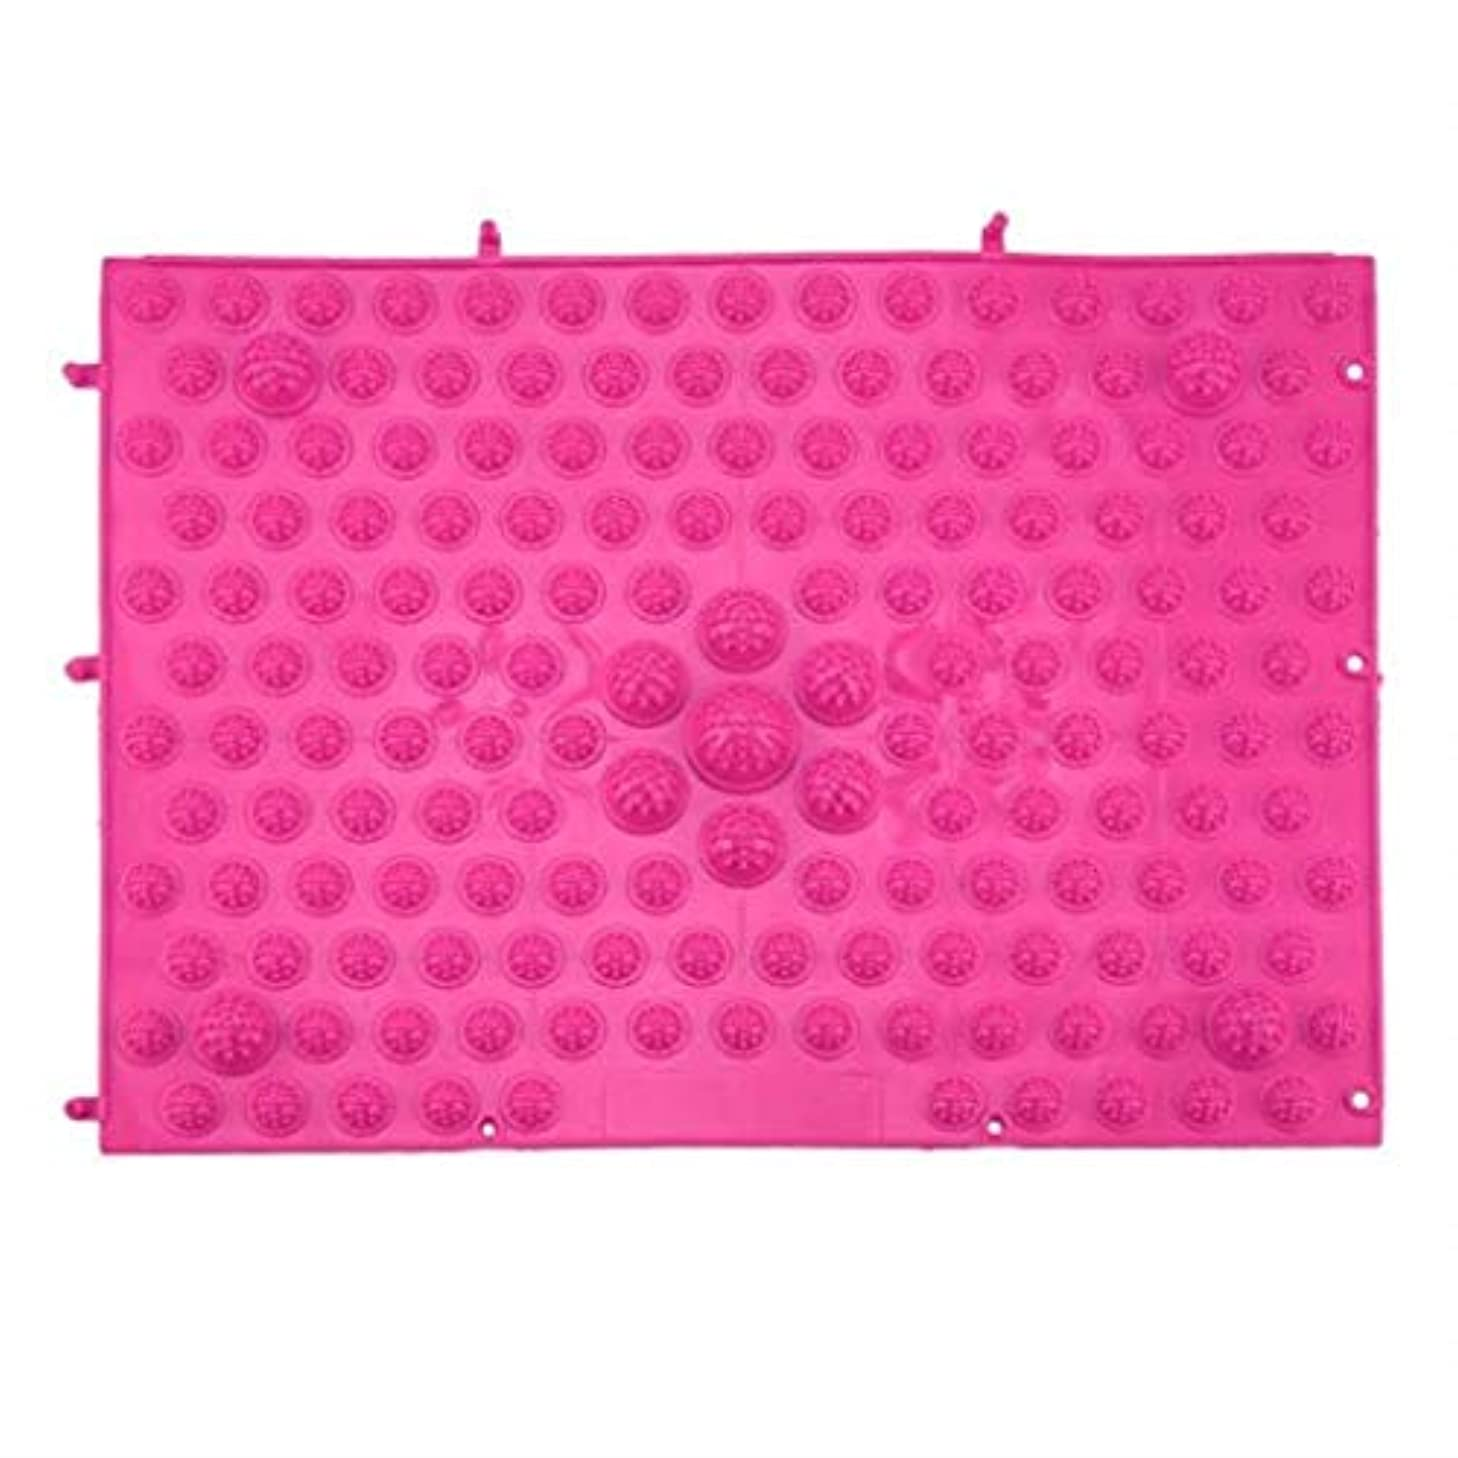 乗算誇張ゴミ箱マッサージクッション、指圧フットパッド、リフレクソロジーウォーキングマッサージパッド、痛みを和らげ、筋肉をリラックス37x27.5cm (Color : Rose Red)